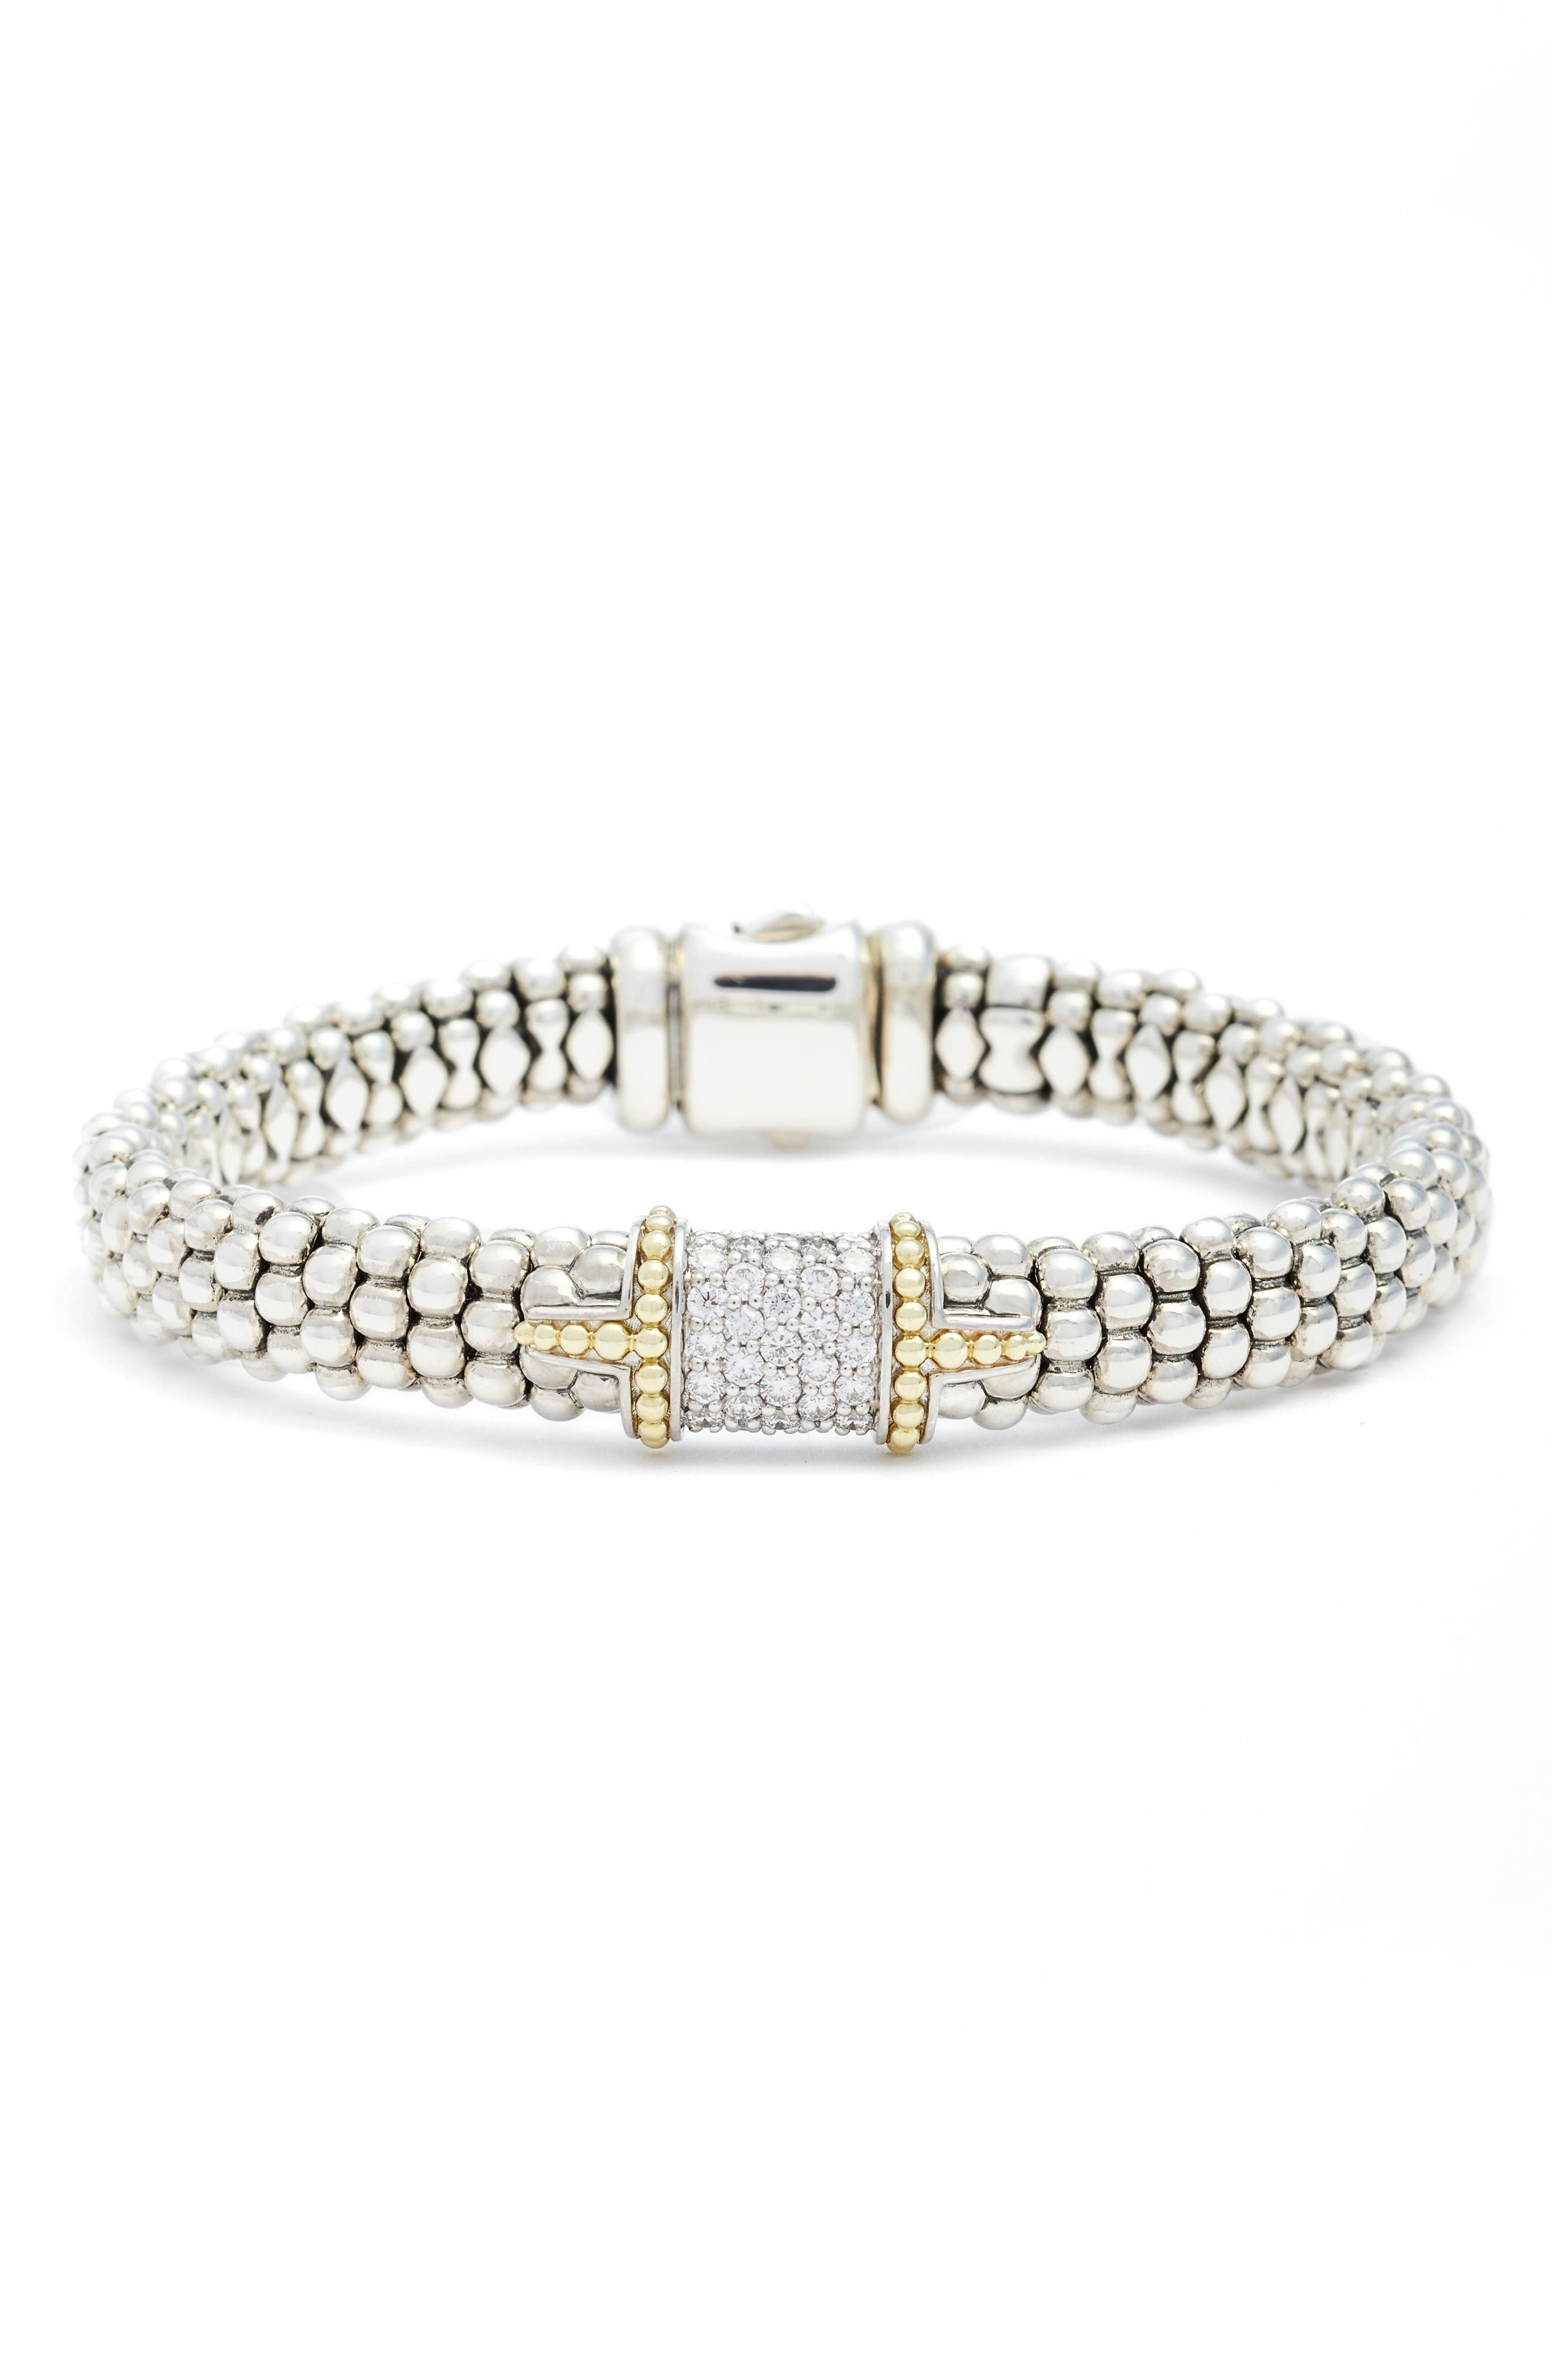 Diamond & Caviar Square Bracelet,                             Main thumbnail 1, color,                             Silver